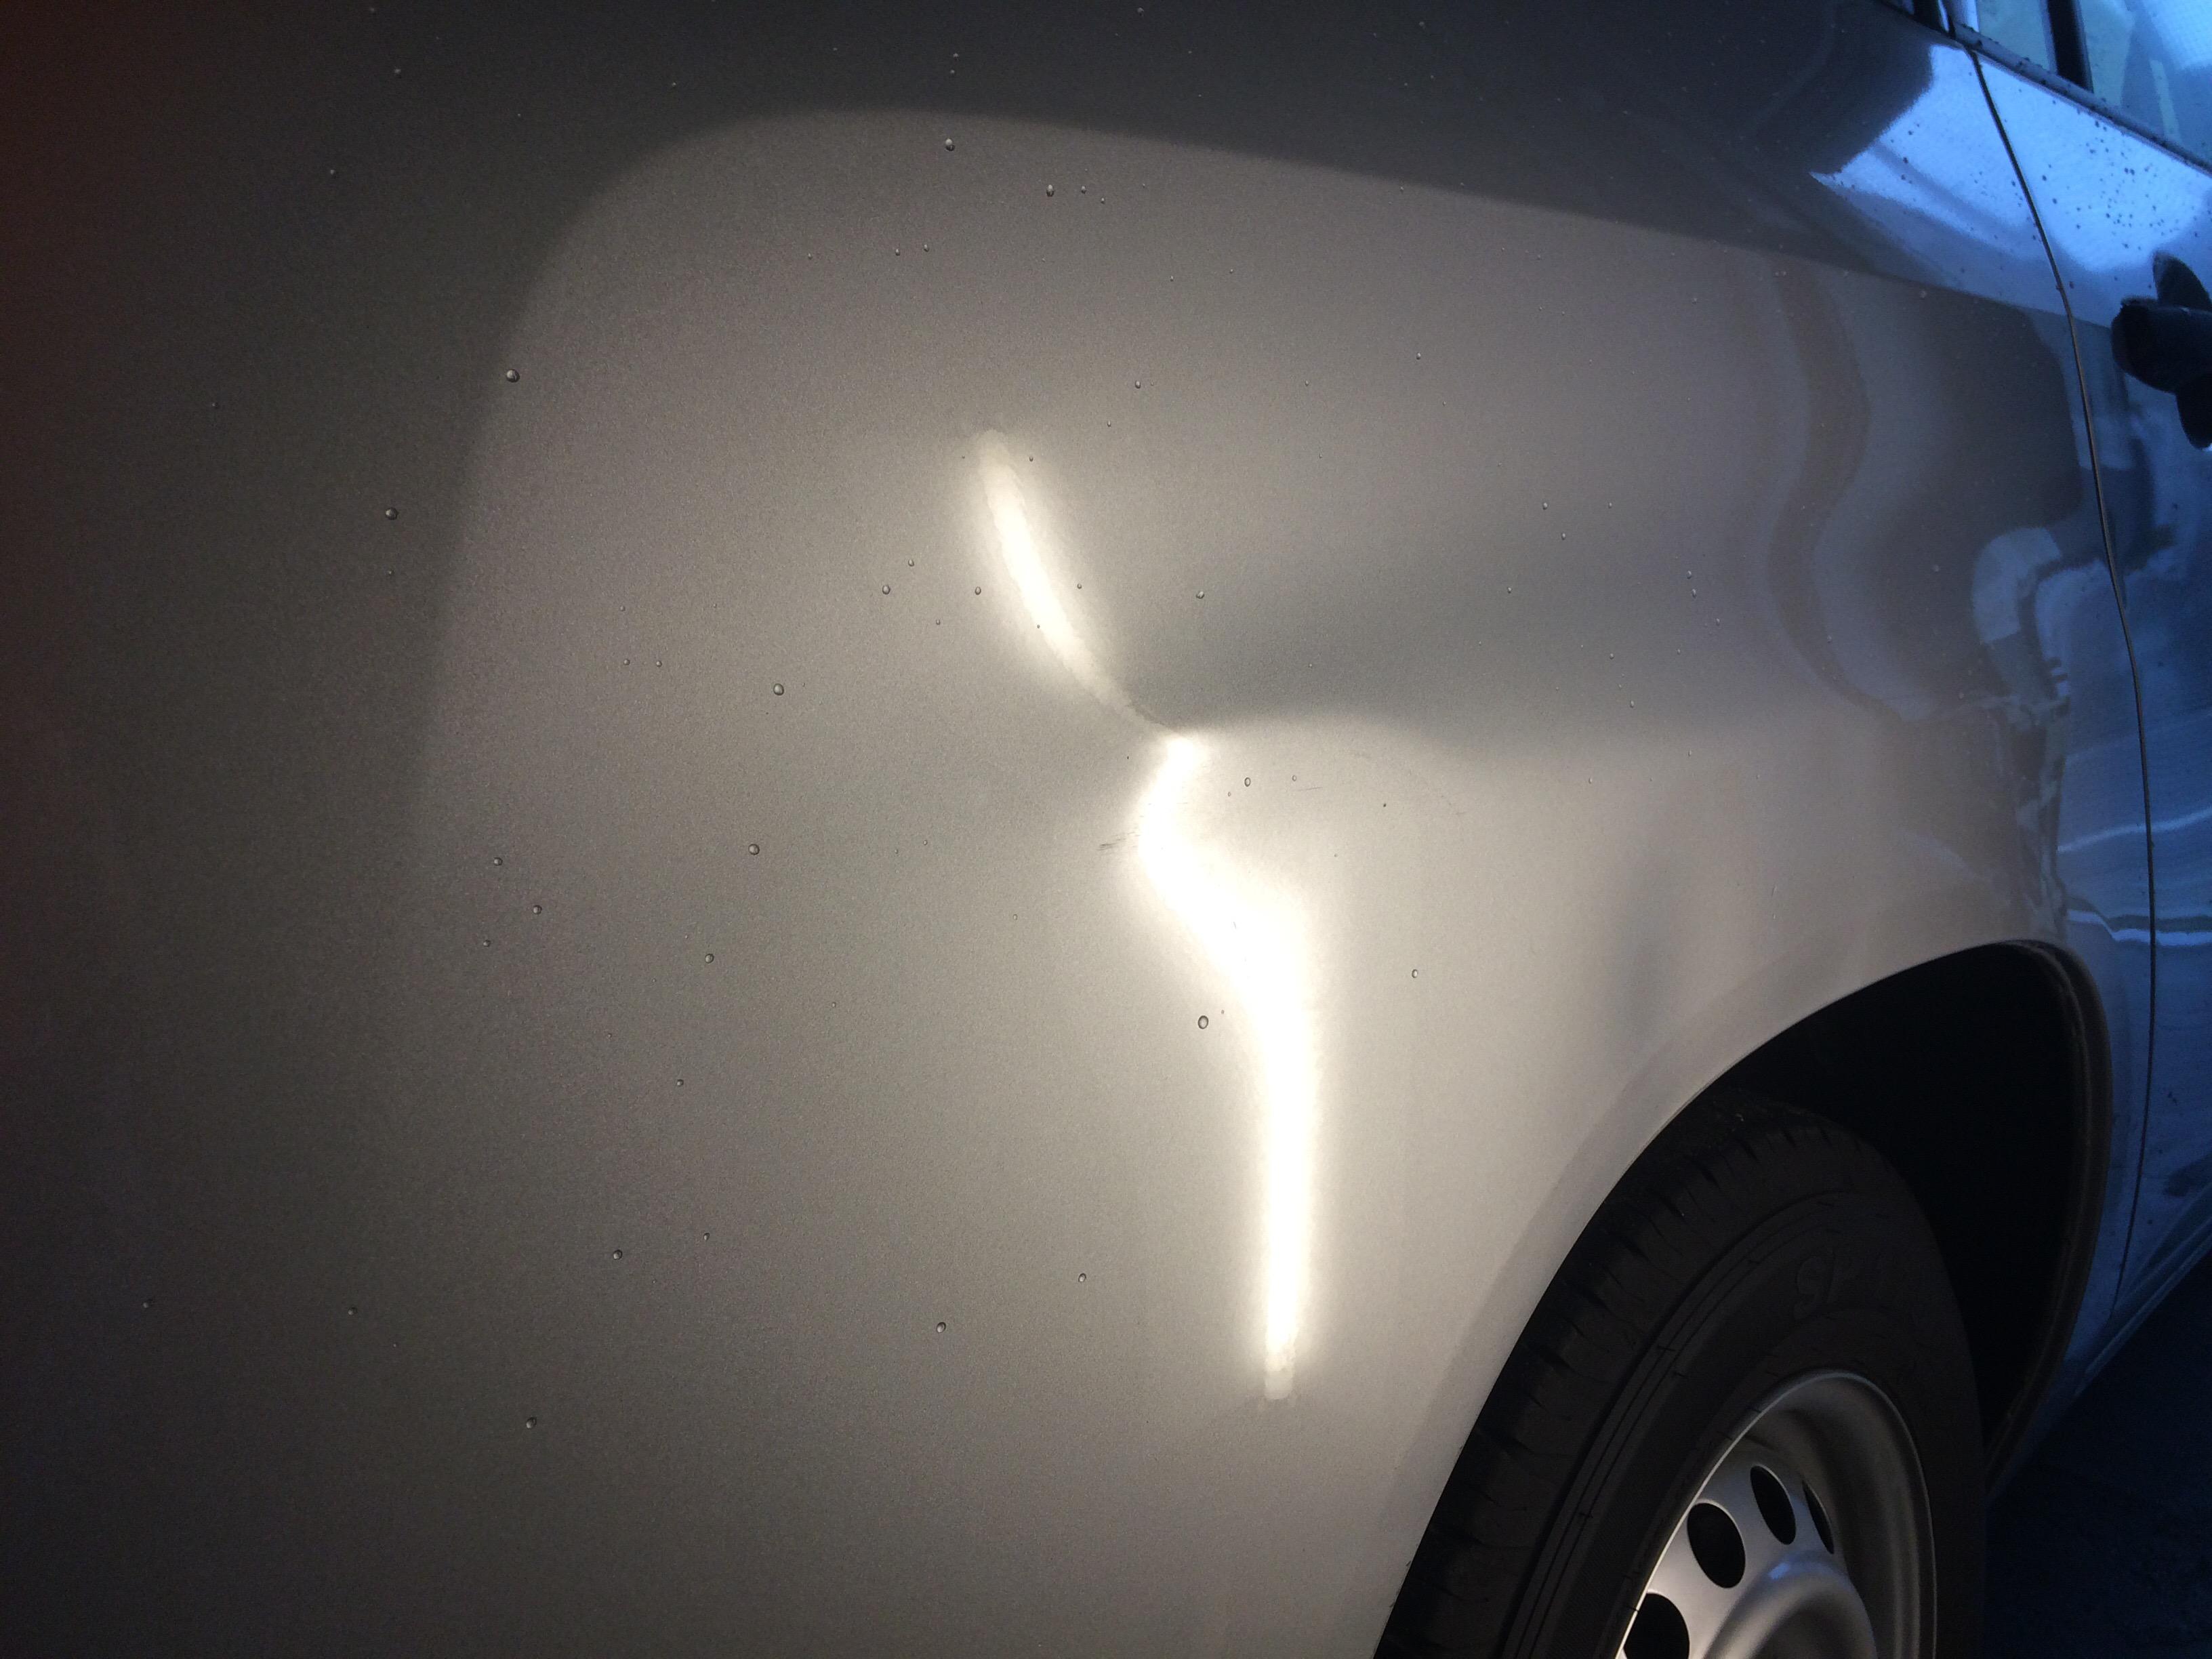 クォーターパネルの凹み修理